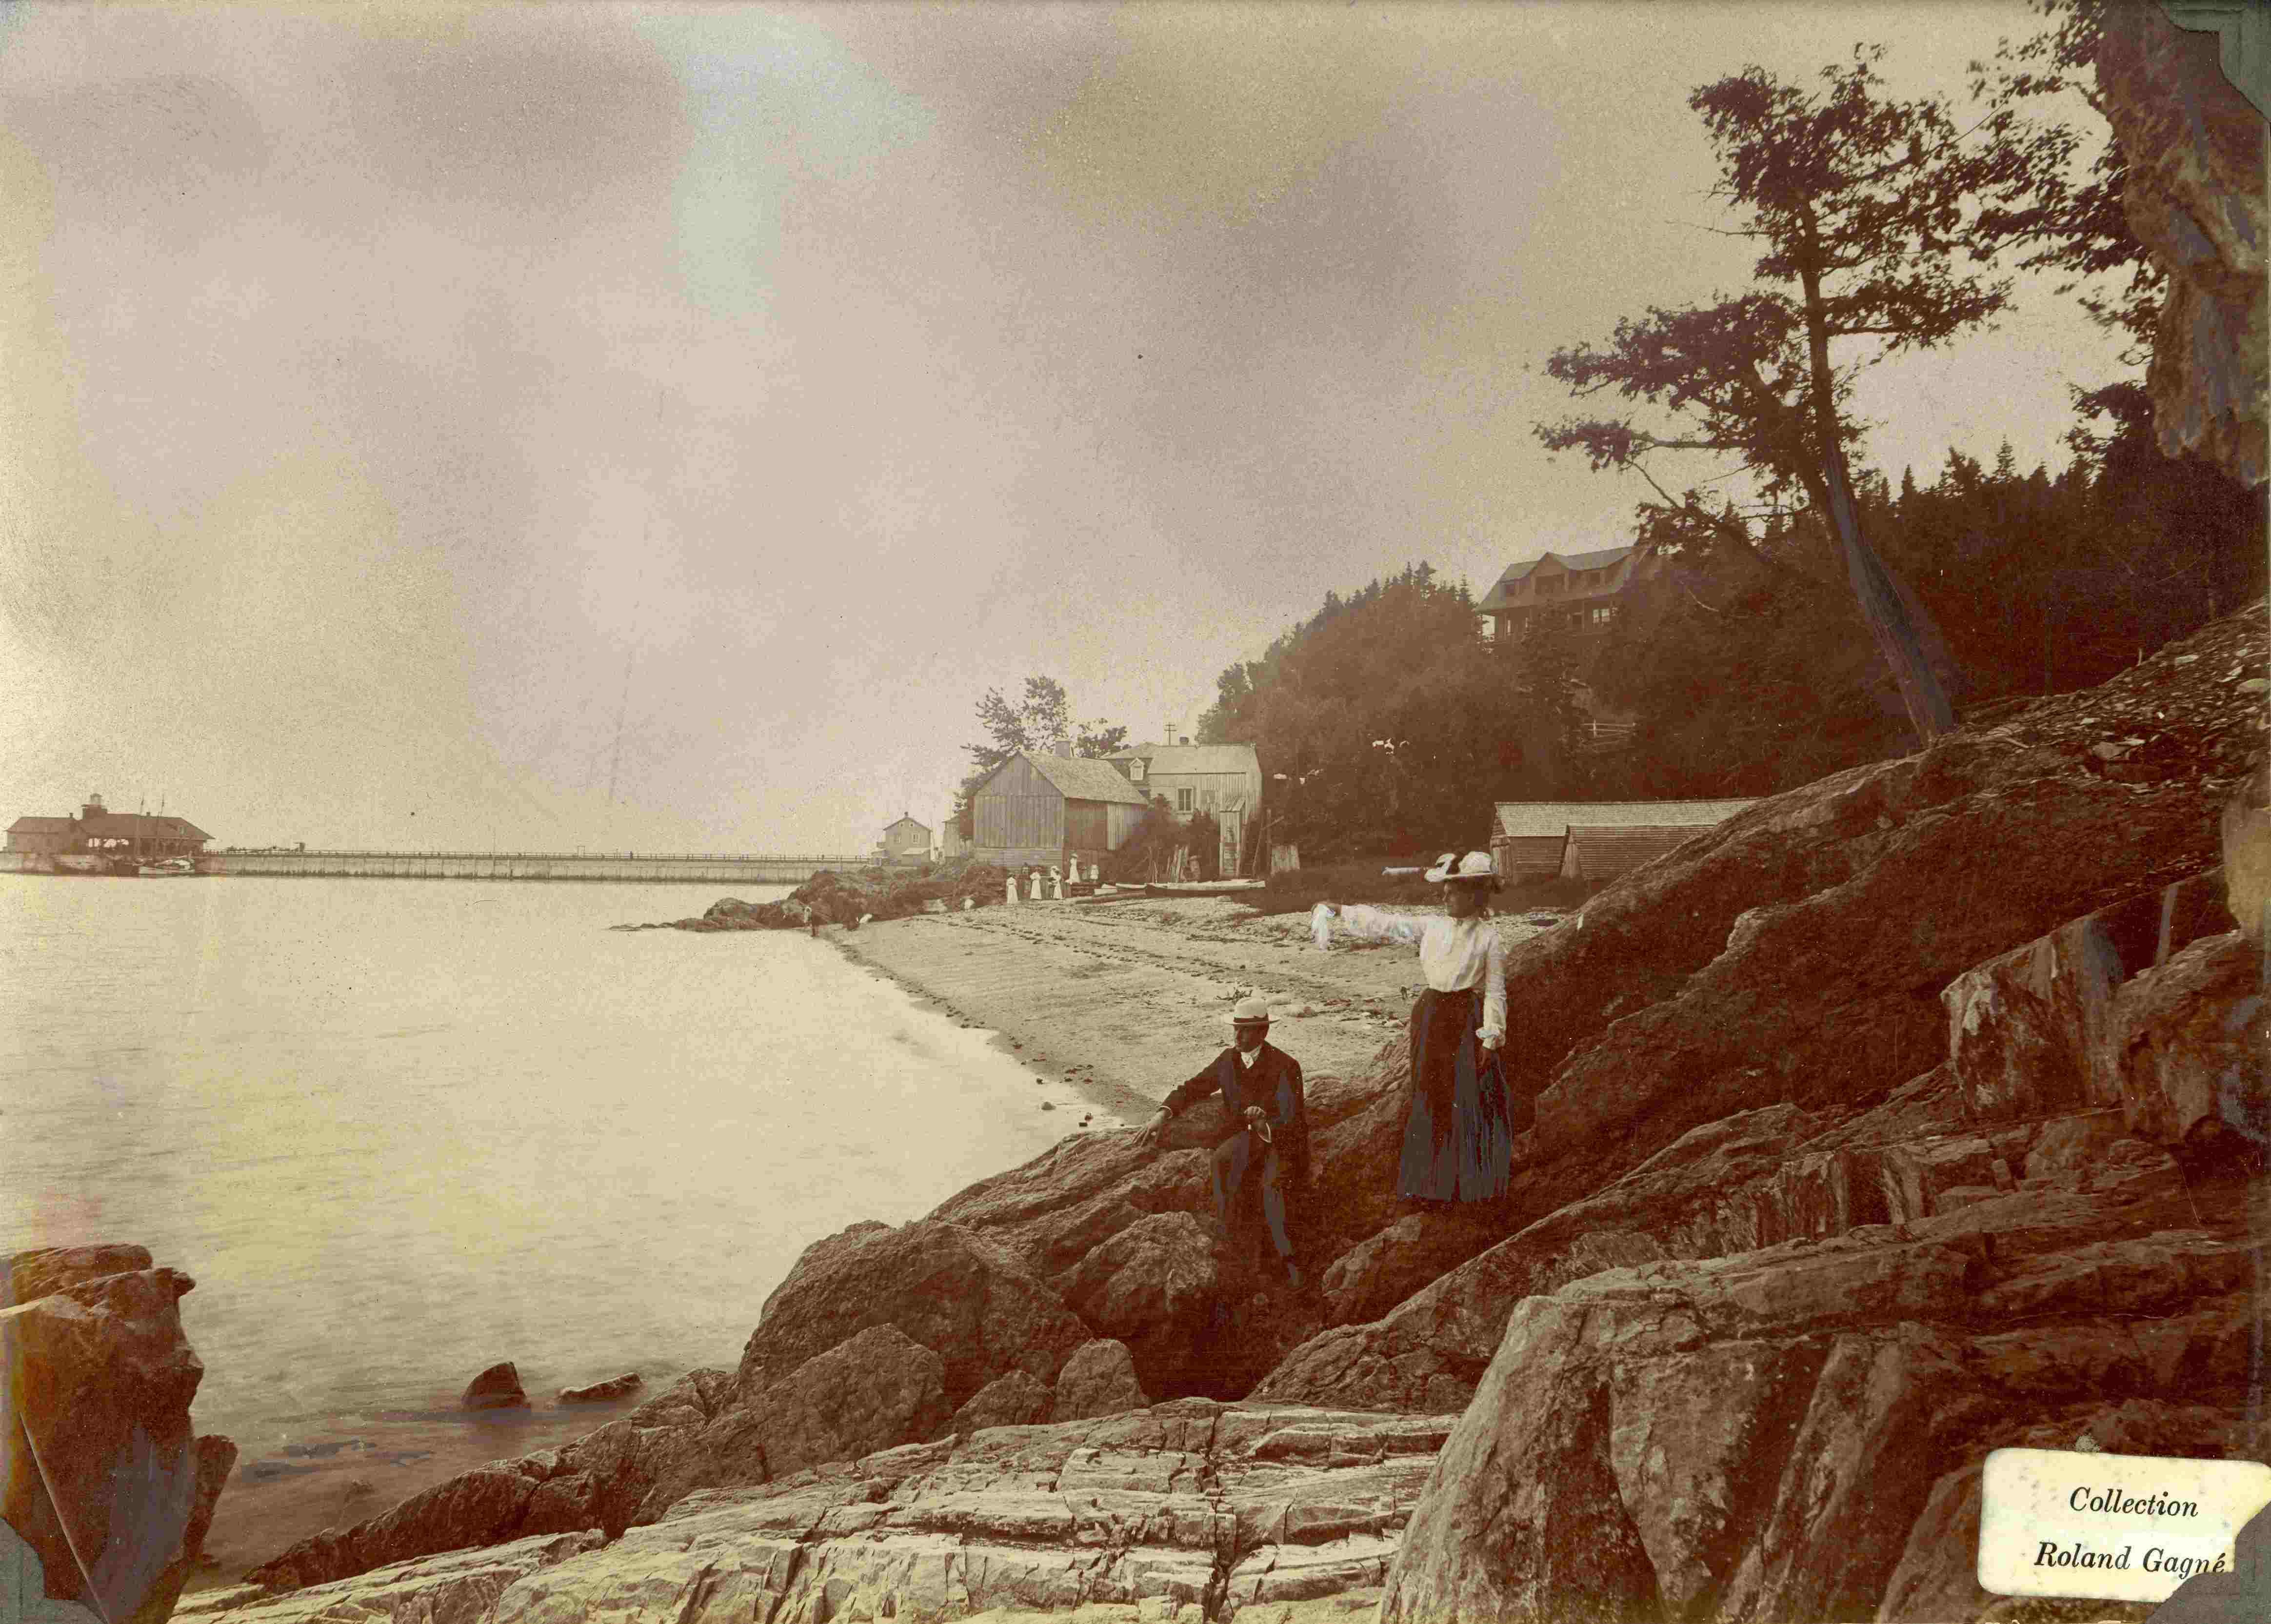 Au premier plan, deux estivants se tiennent sur un grand rocher ; en arrière-plan, une plage et un grand quai.